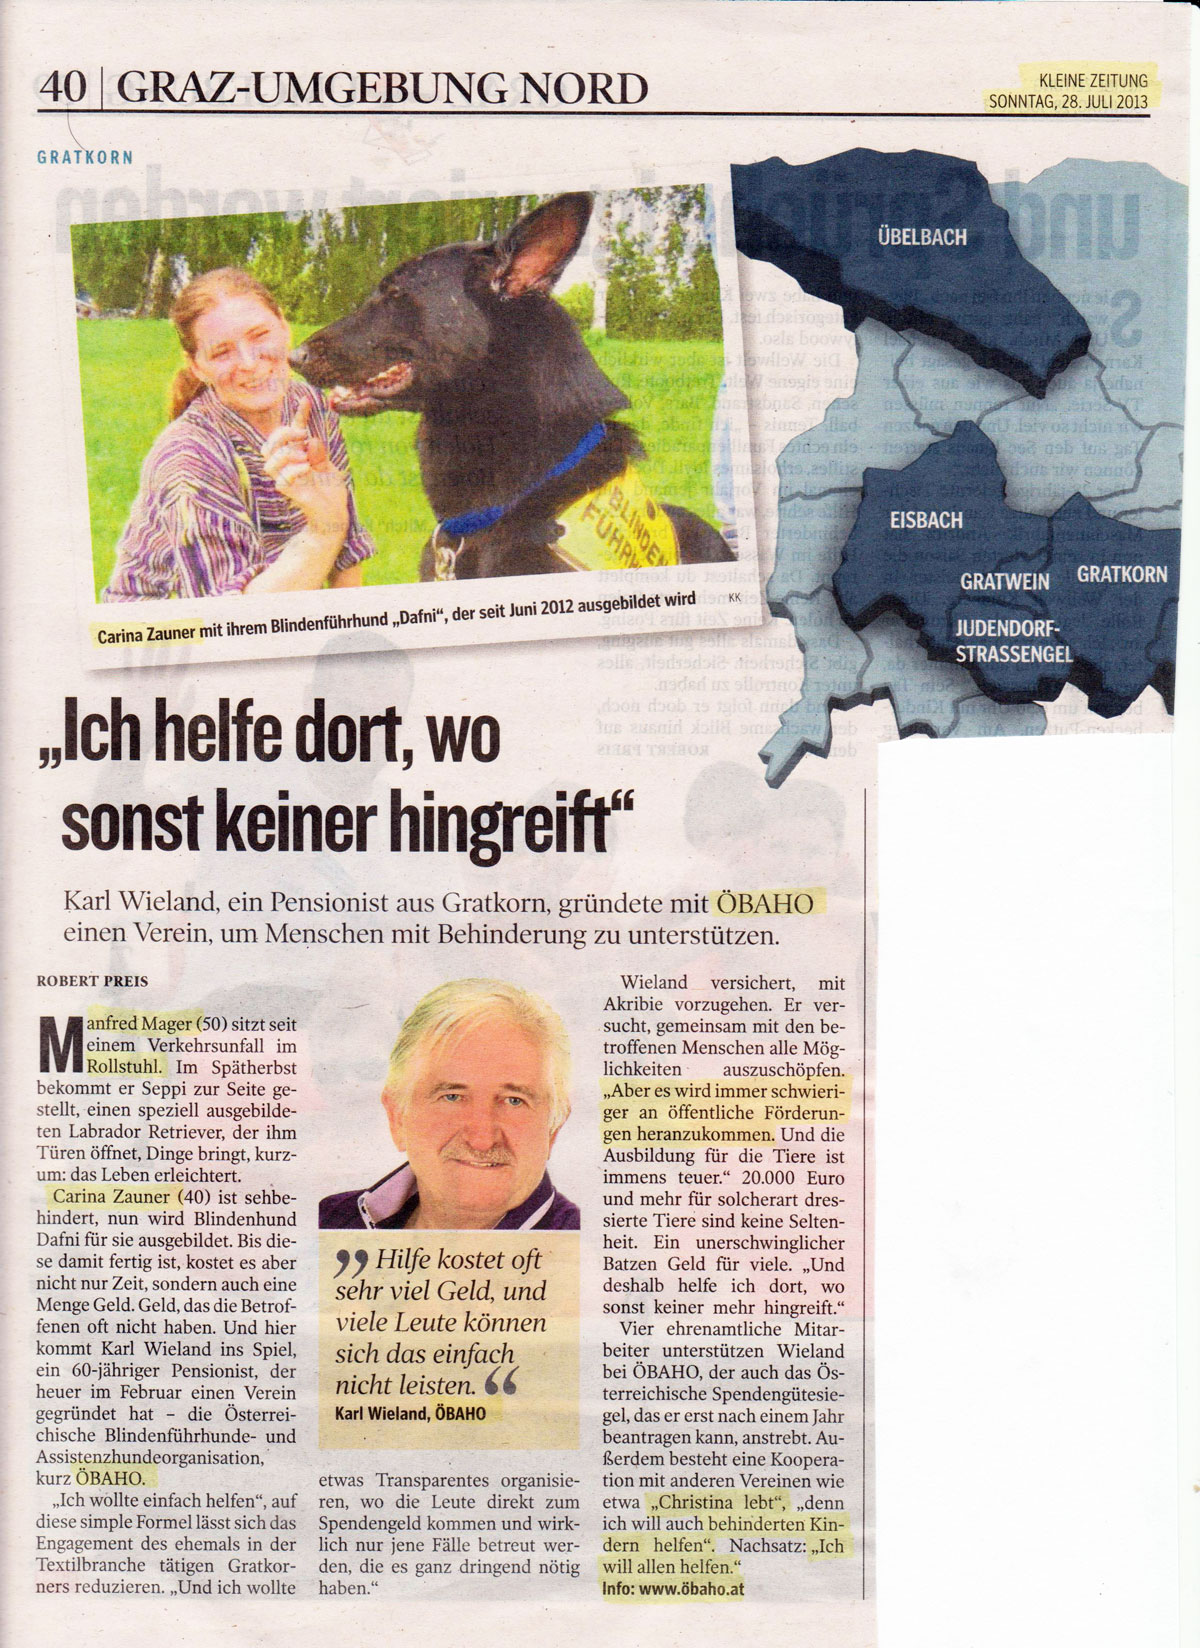 Artikel Bericht in der Kleinen Zeitung